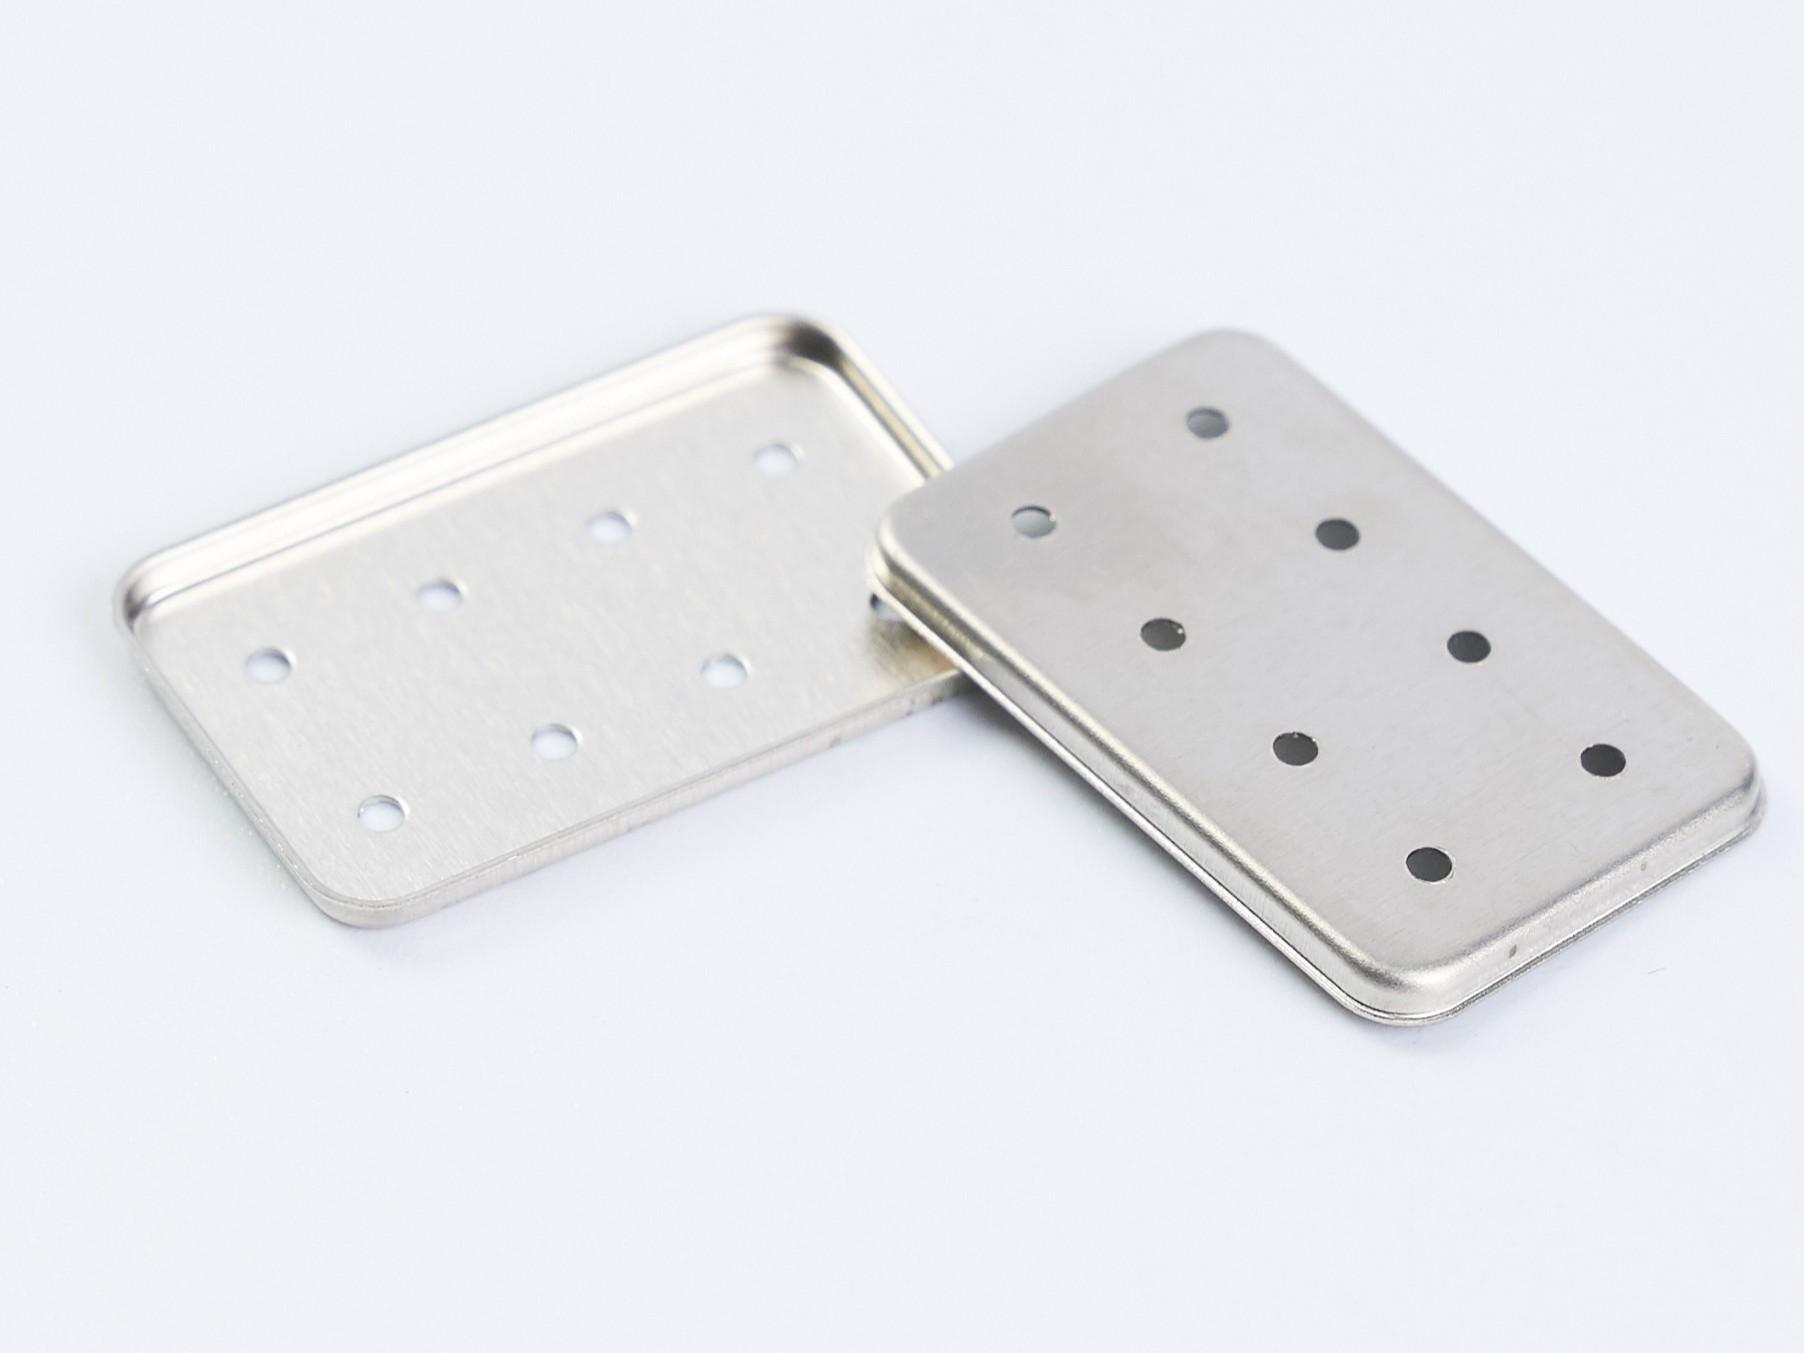 洋白铜金属屏蔽罩定制厂家-专业团队全力配合-力达精工